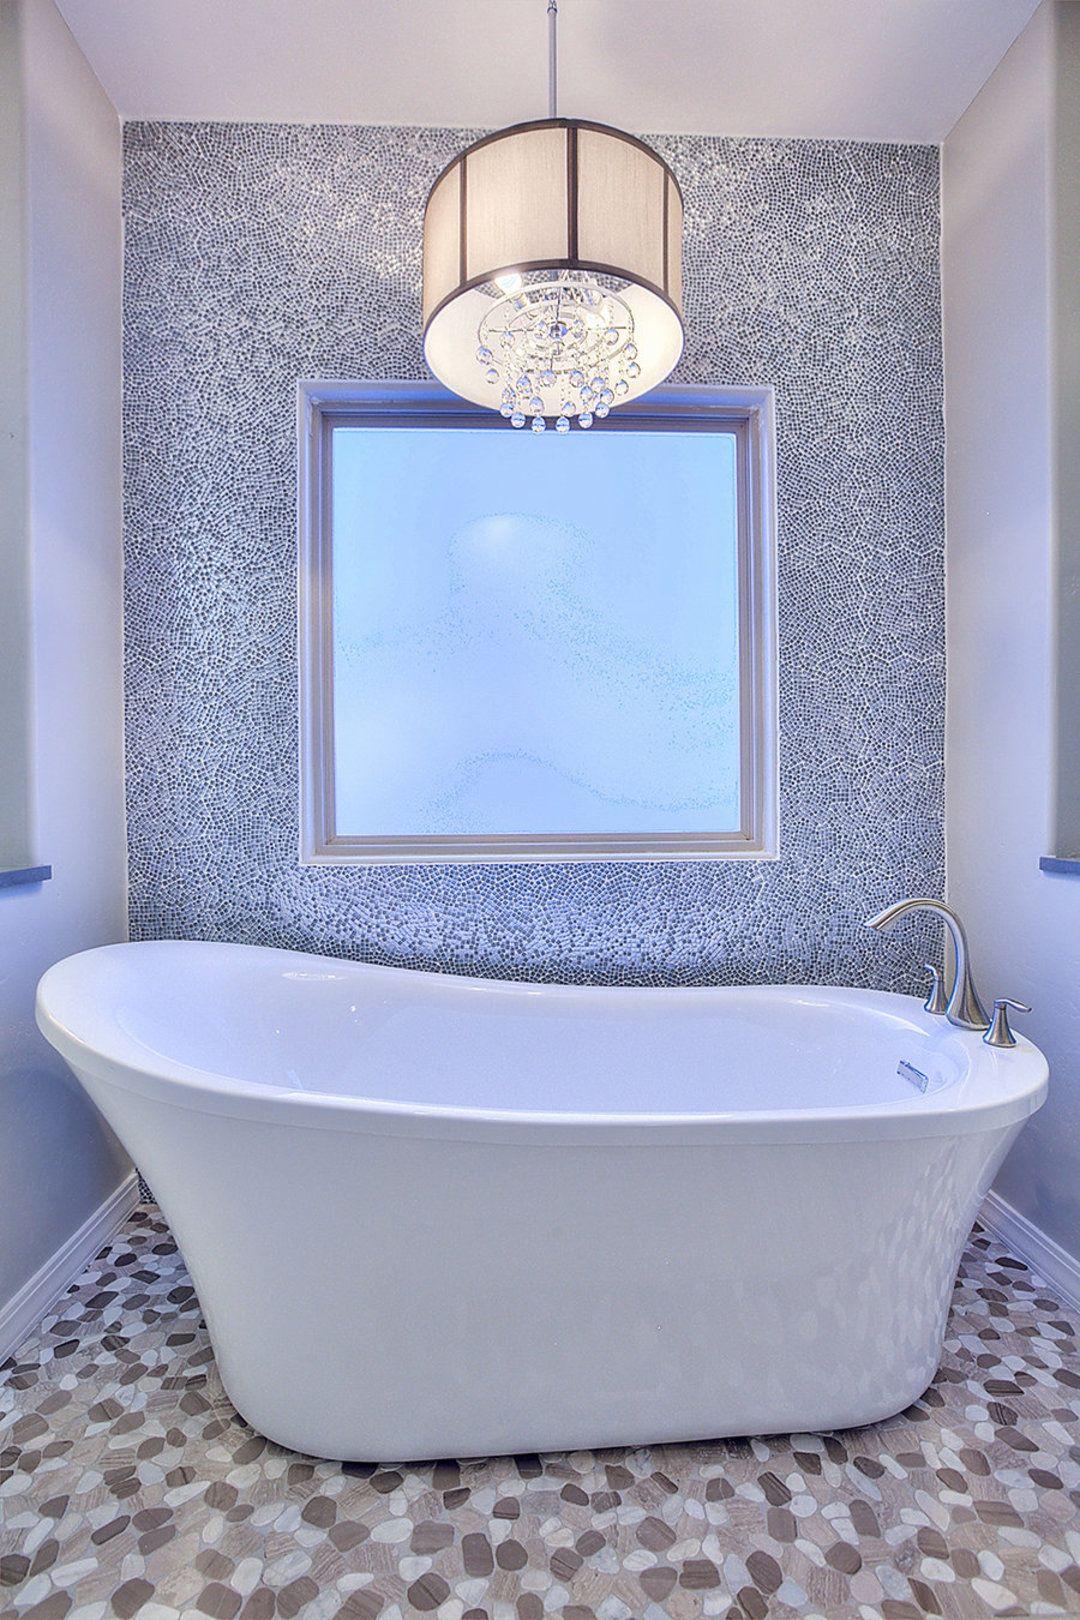 Kitchen & Bath | Master Bathroom | Pinterest | Bath, Kitchens and ...